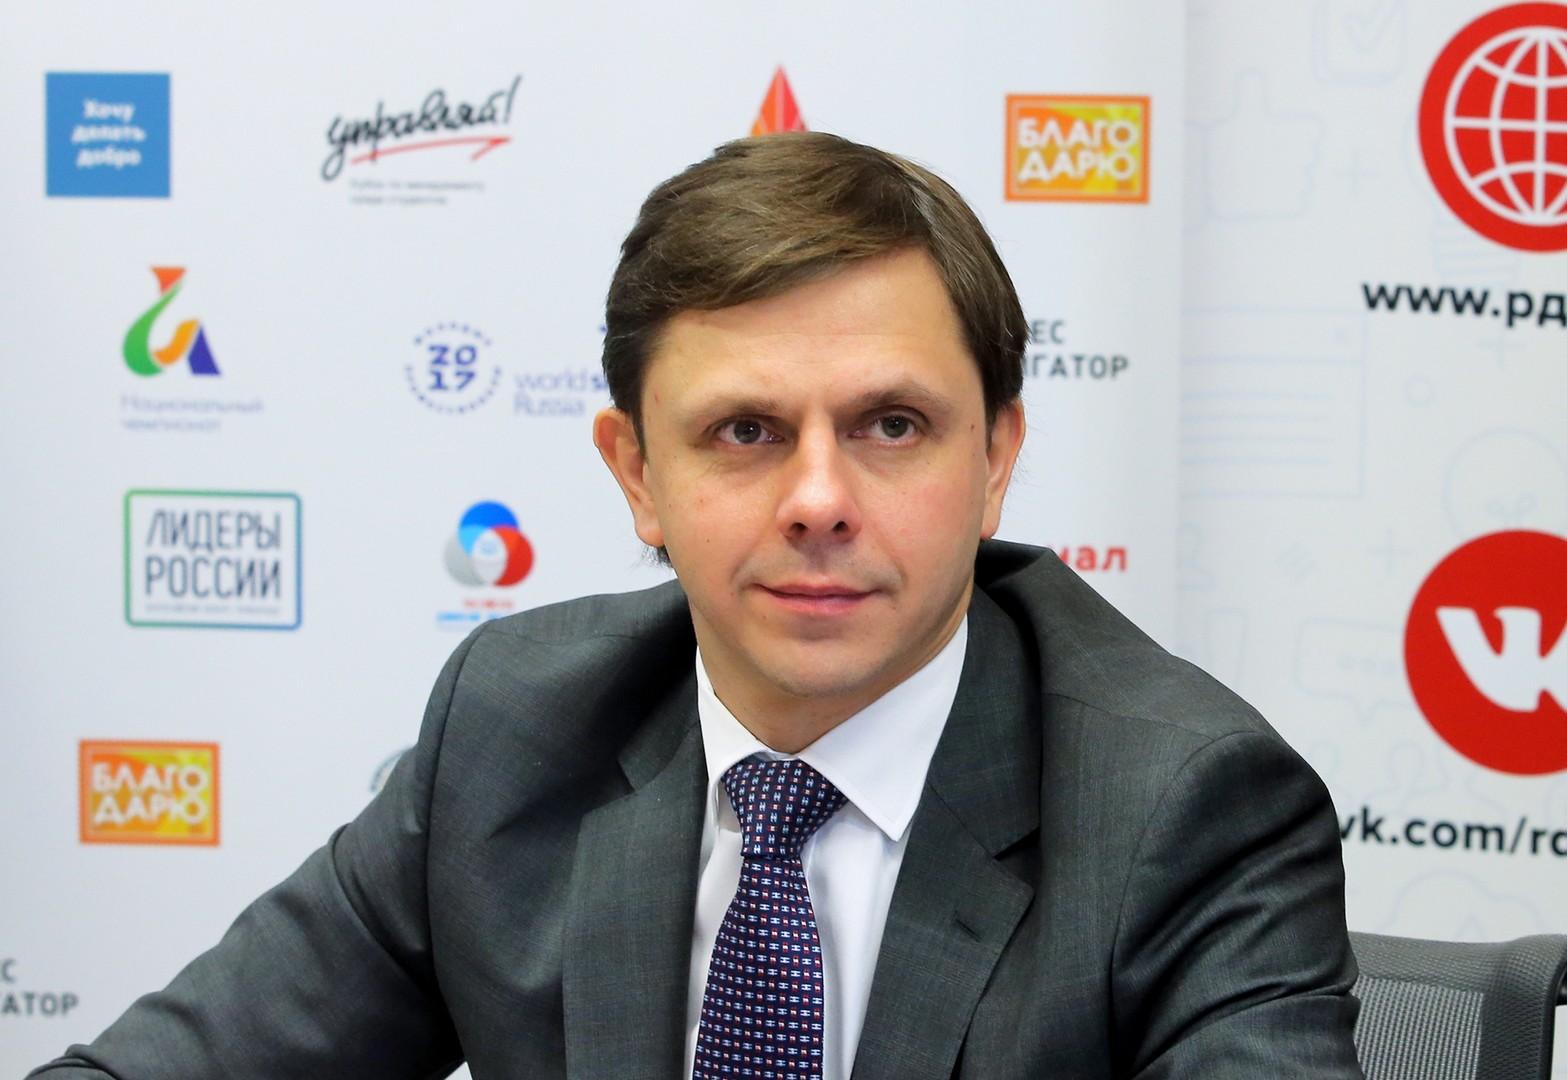 Gouverneurswahlen in Russland: Die Opposition schöpft Hoffnung